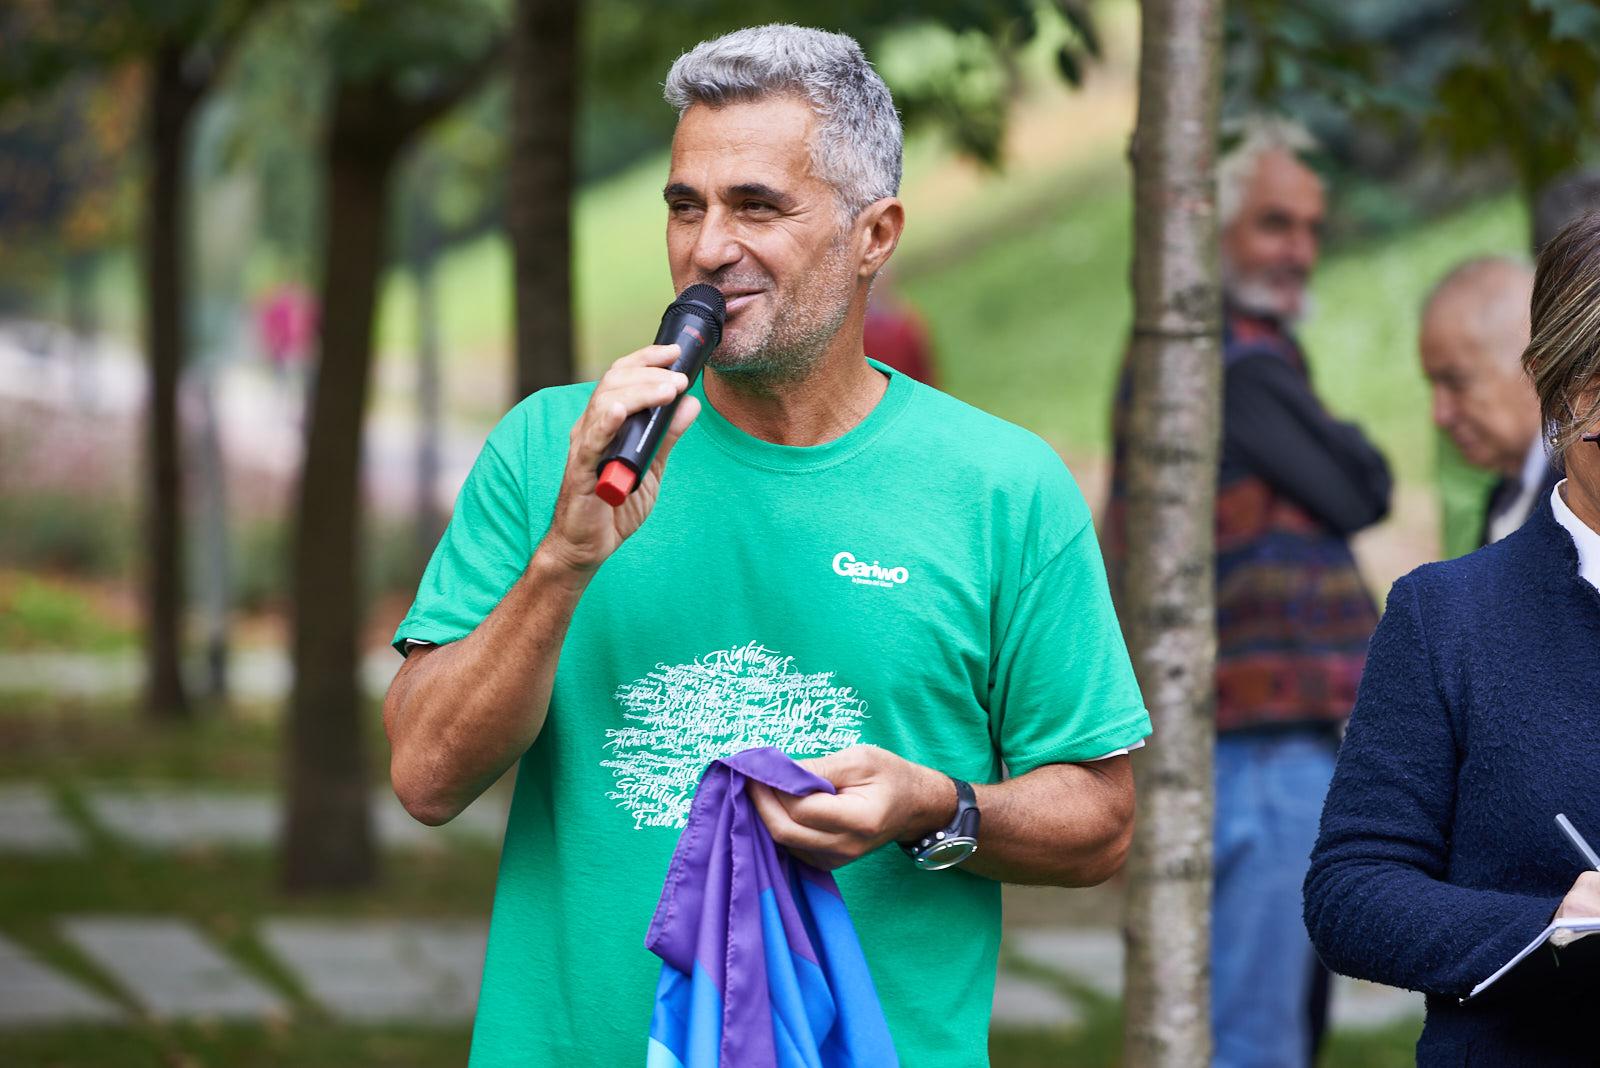 Ara Khatchadourian, runner for peace